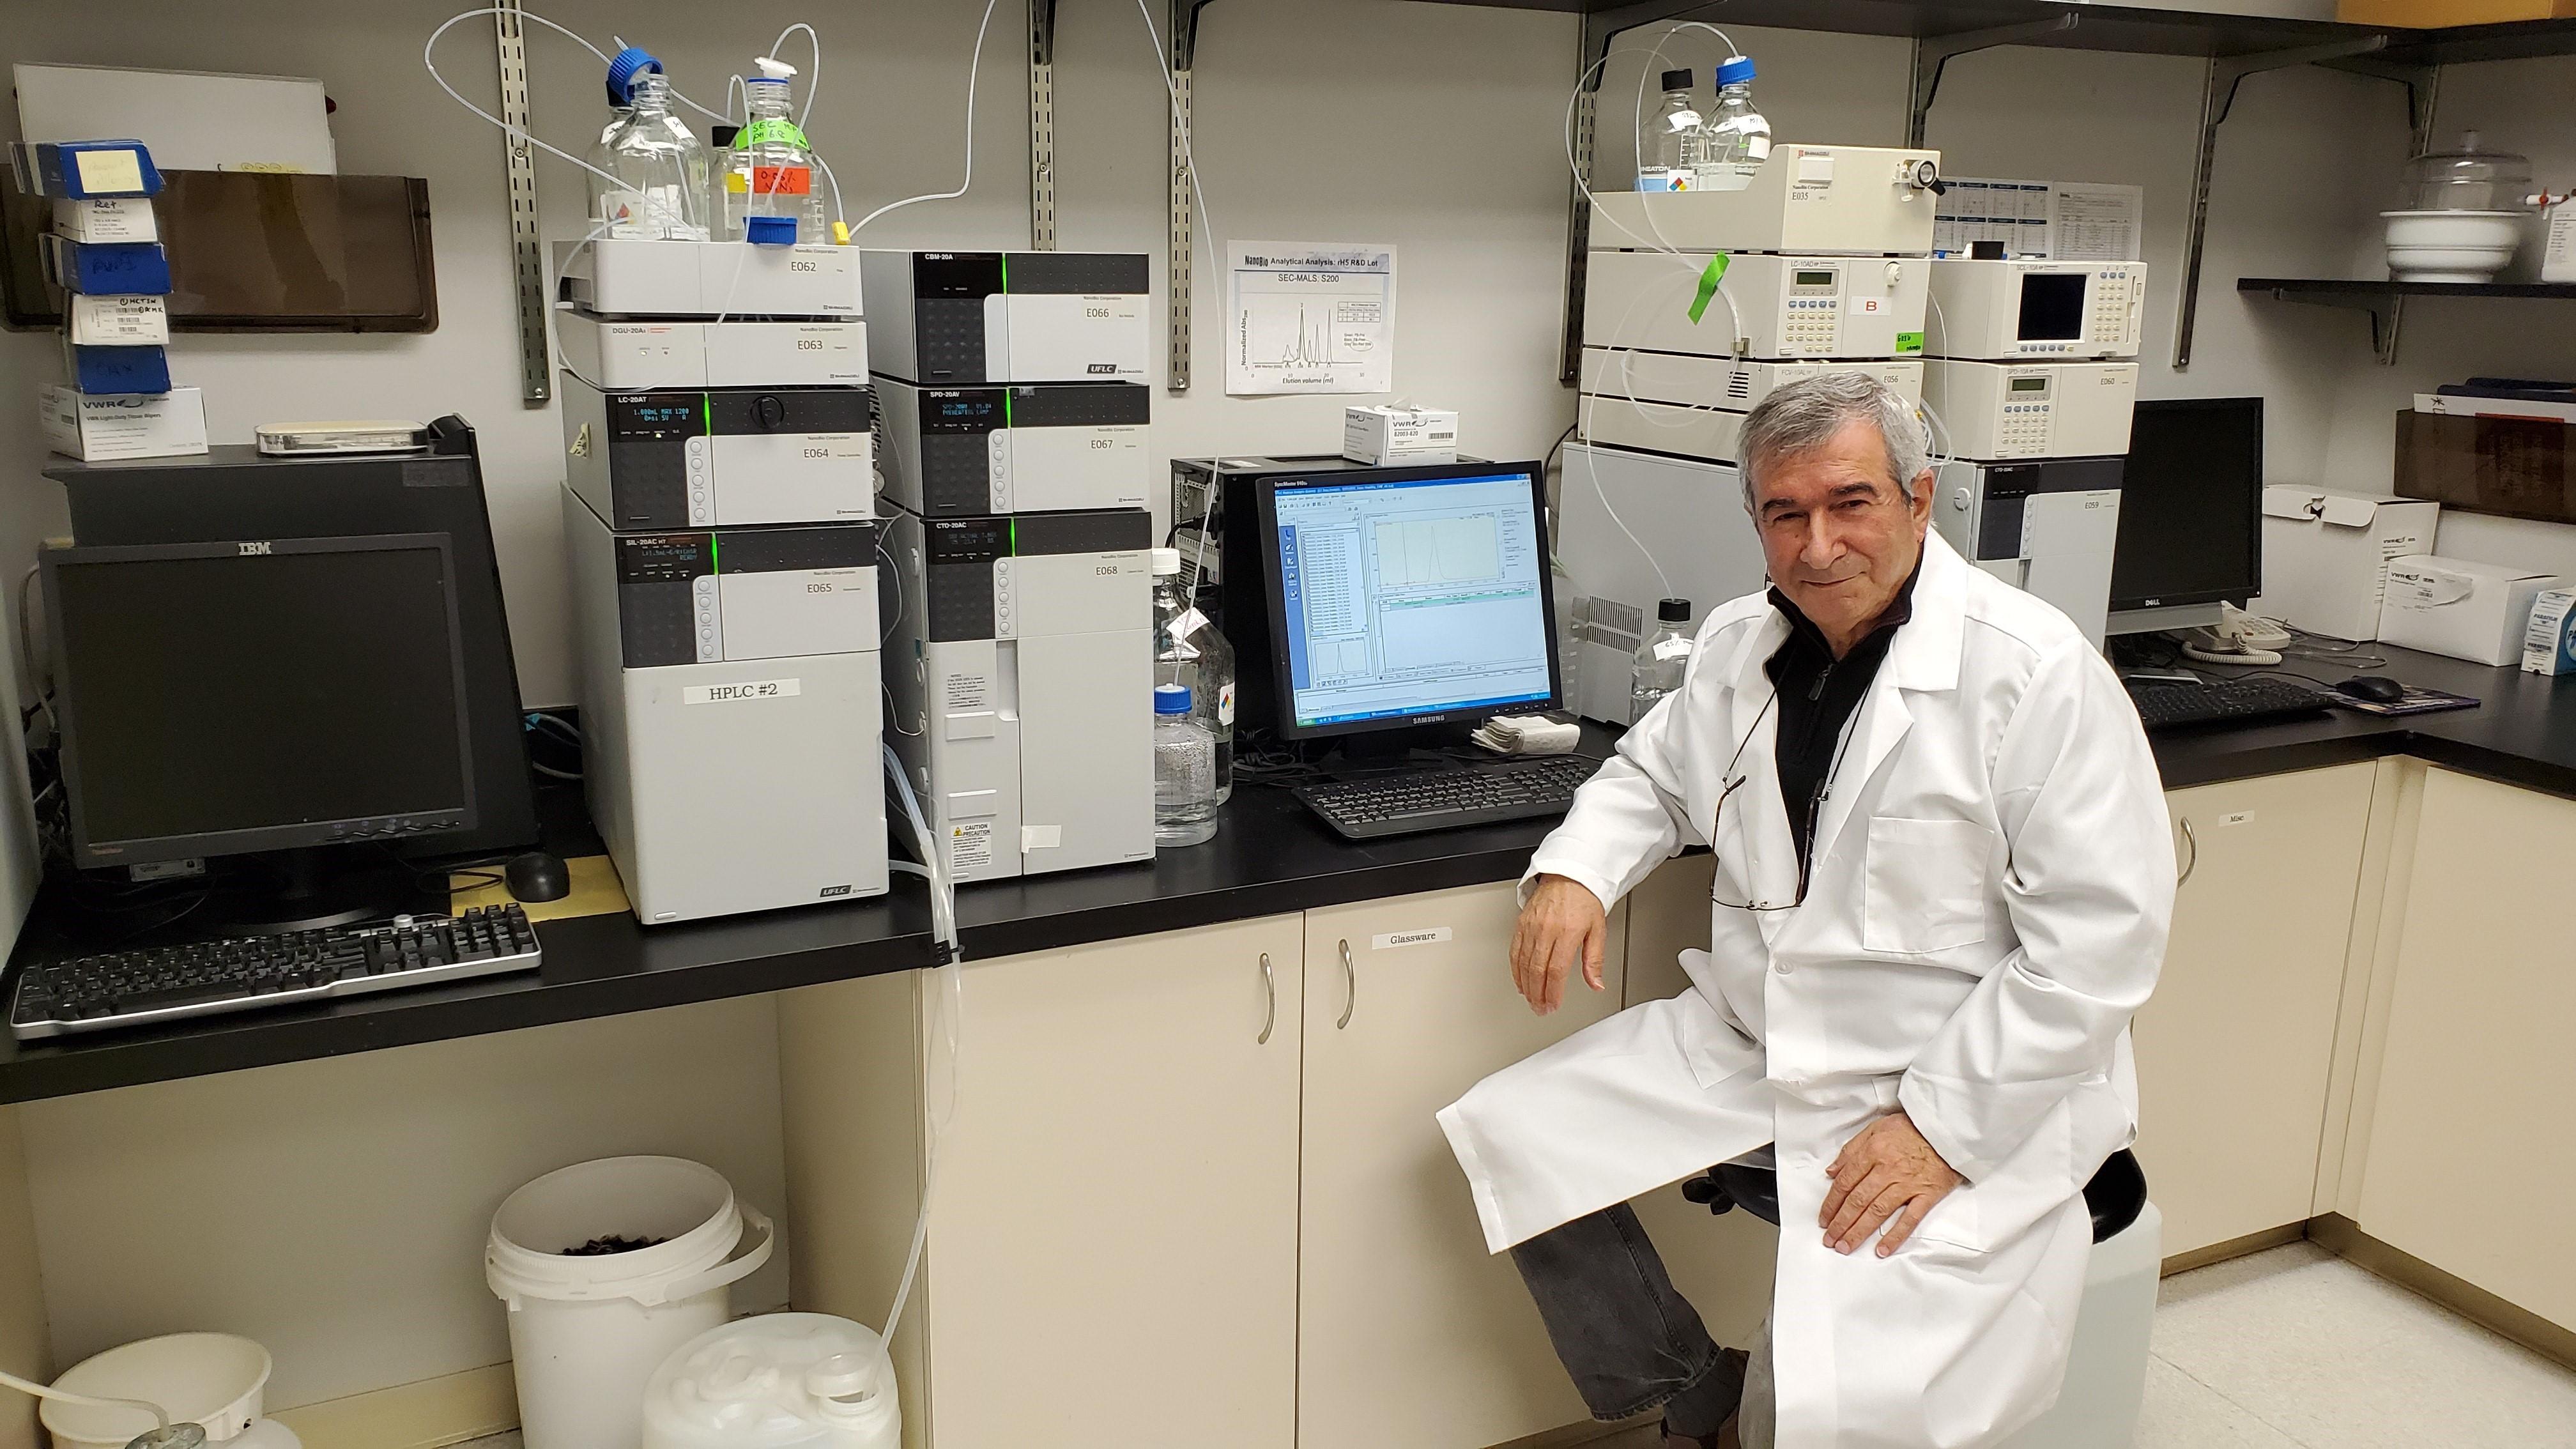 الدكتور علي فطوم في مختبر الأبحاث بجامعة ميشيغان (اندبندنت عربية).jpg